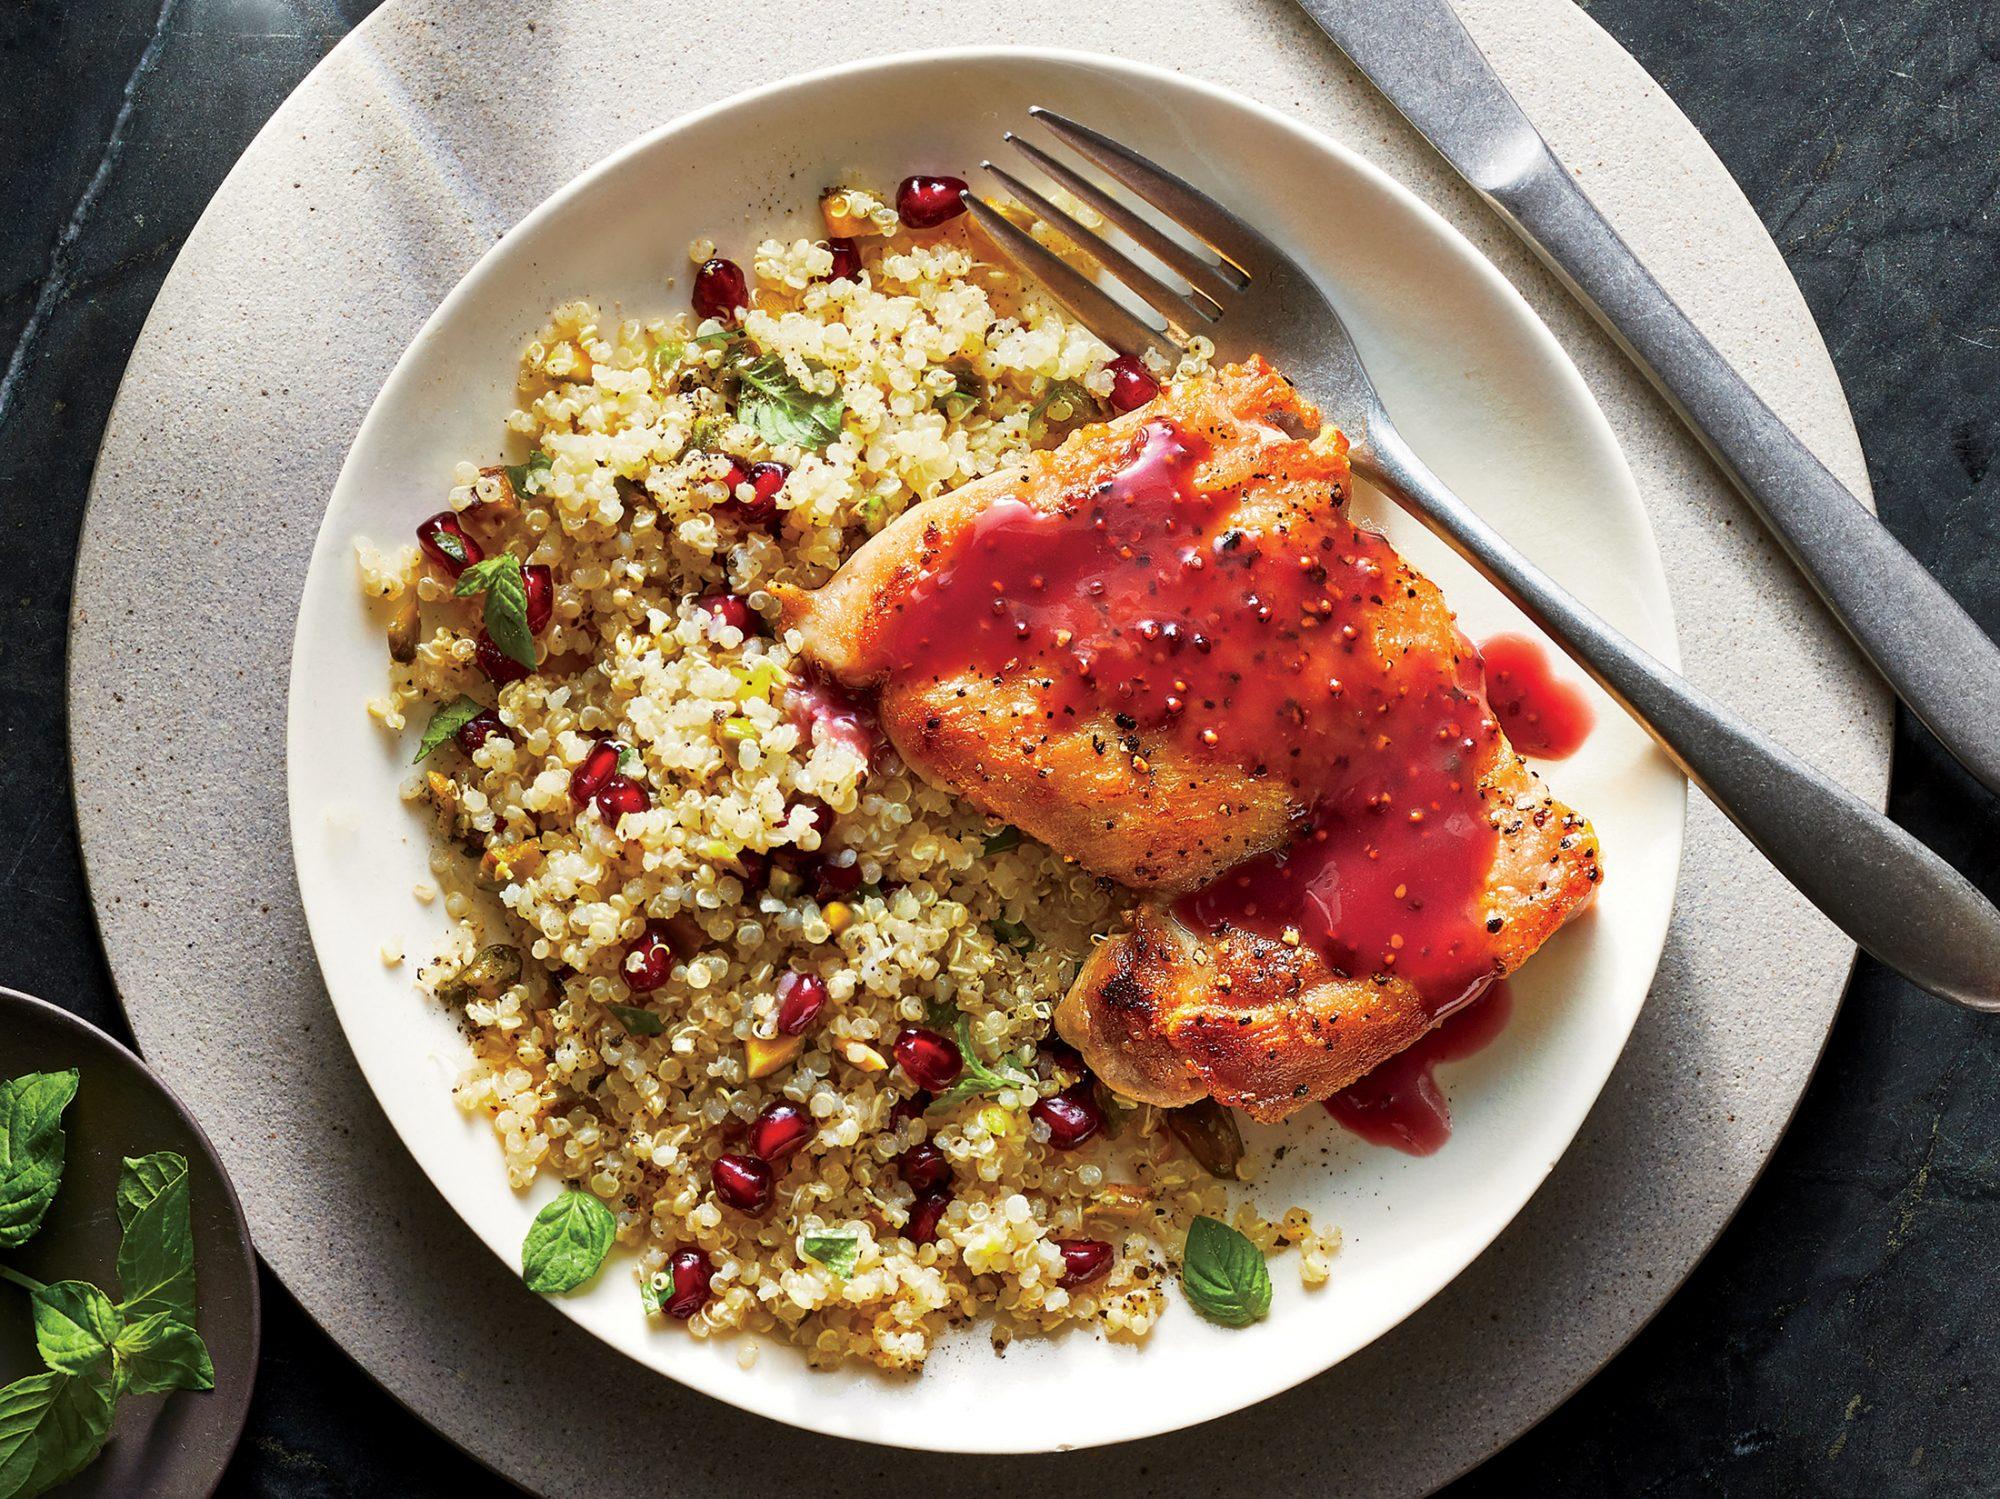 Pomegranate-Glazed Chicken